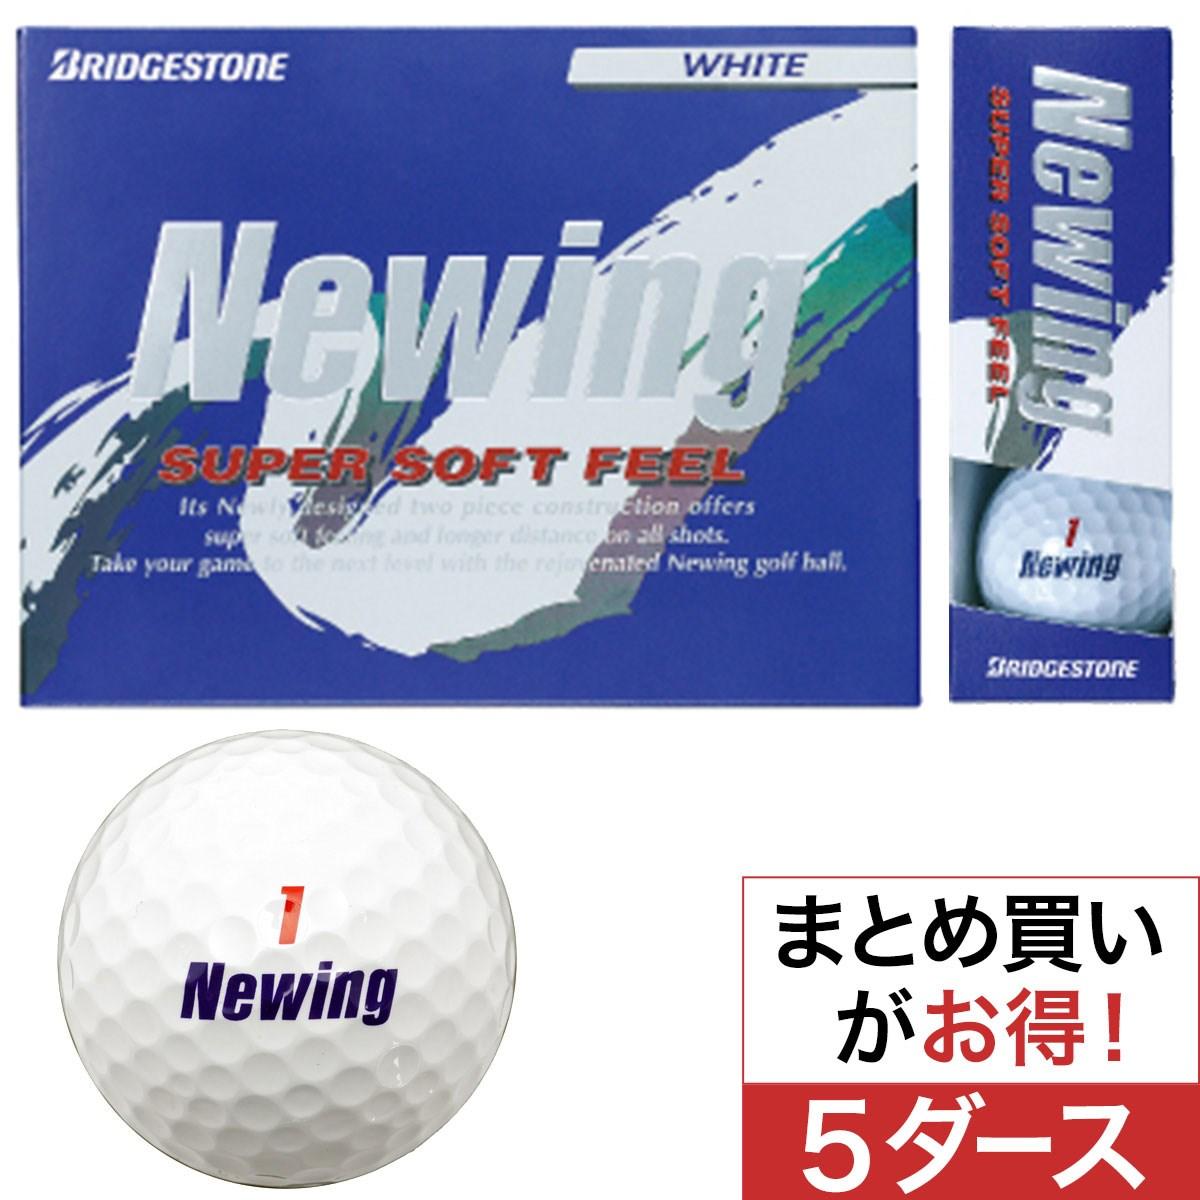 ブリヂストン(BRIDGESTONE GOLF) ニューイング SUPER SOFT FEEL ボール 5ダースセット